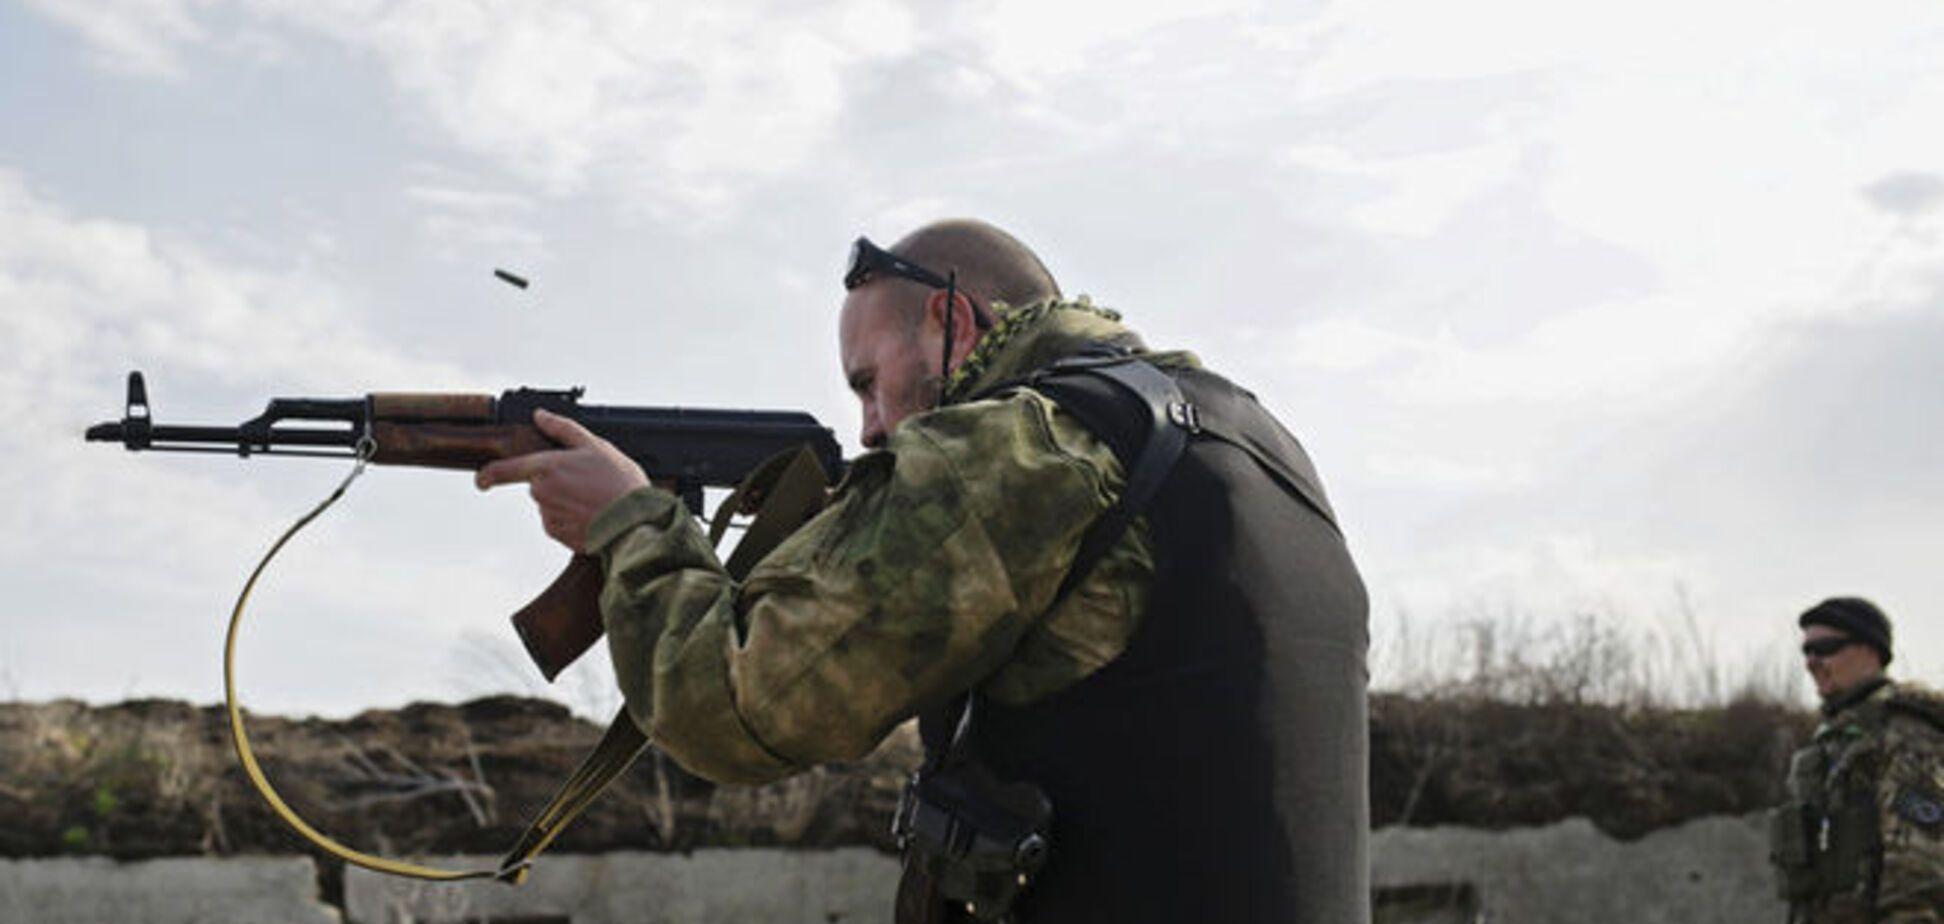 Бої під Мар'їнка: ситуація під контролем, бійці АТО вивезли поранених і вбитих